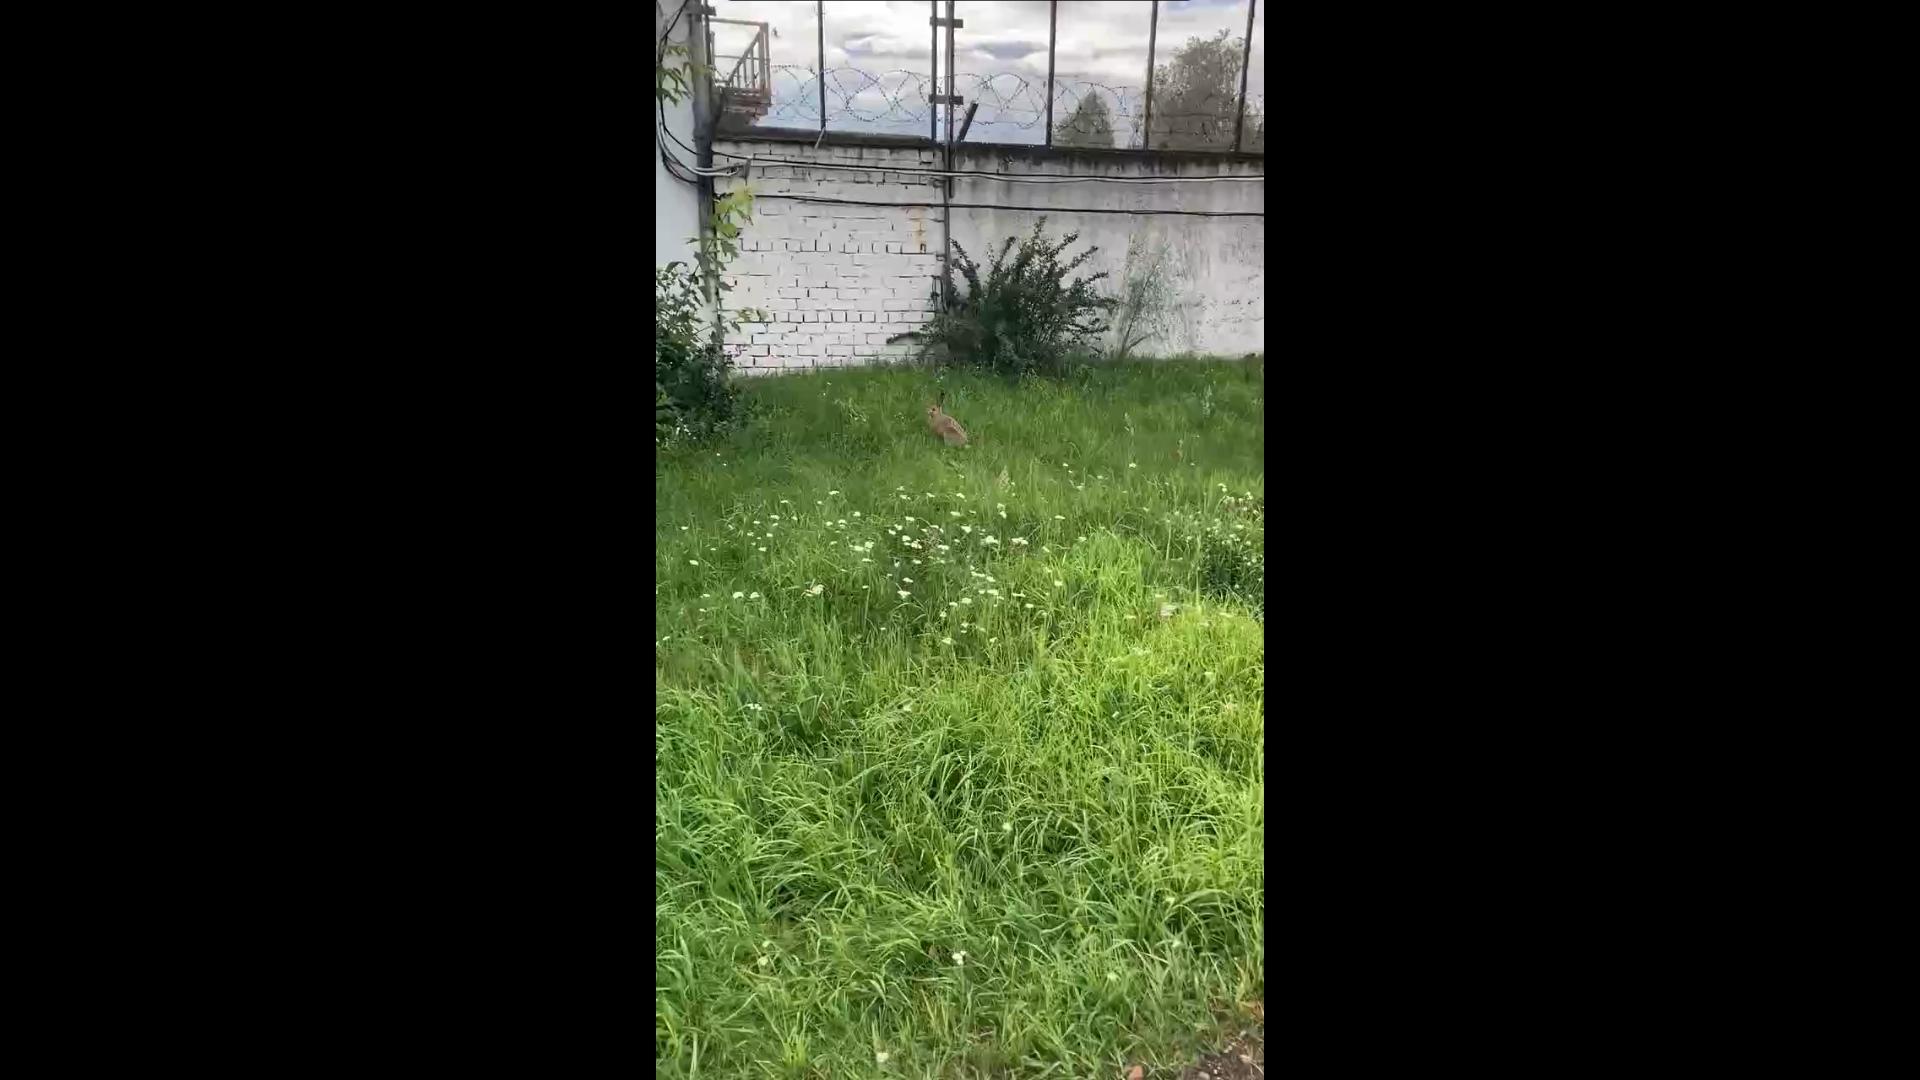 Лиса с зайцем на заводах и енотовидная собака у дороги: какие животные гуляют по Ярославлю